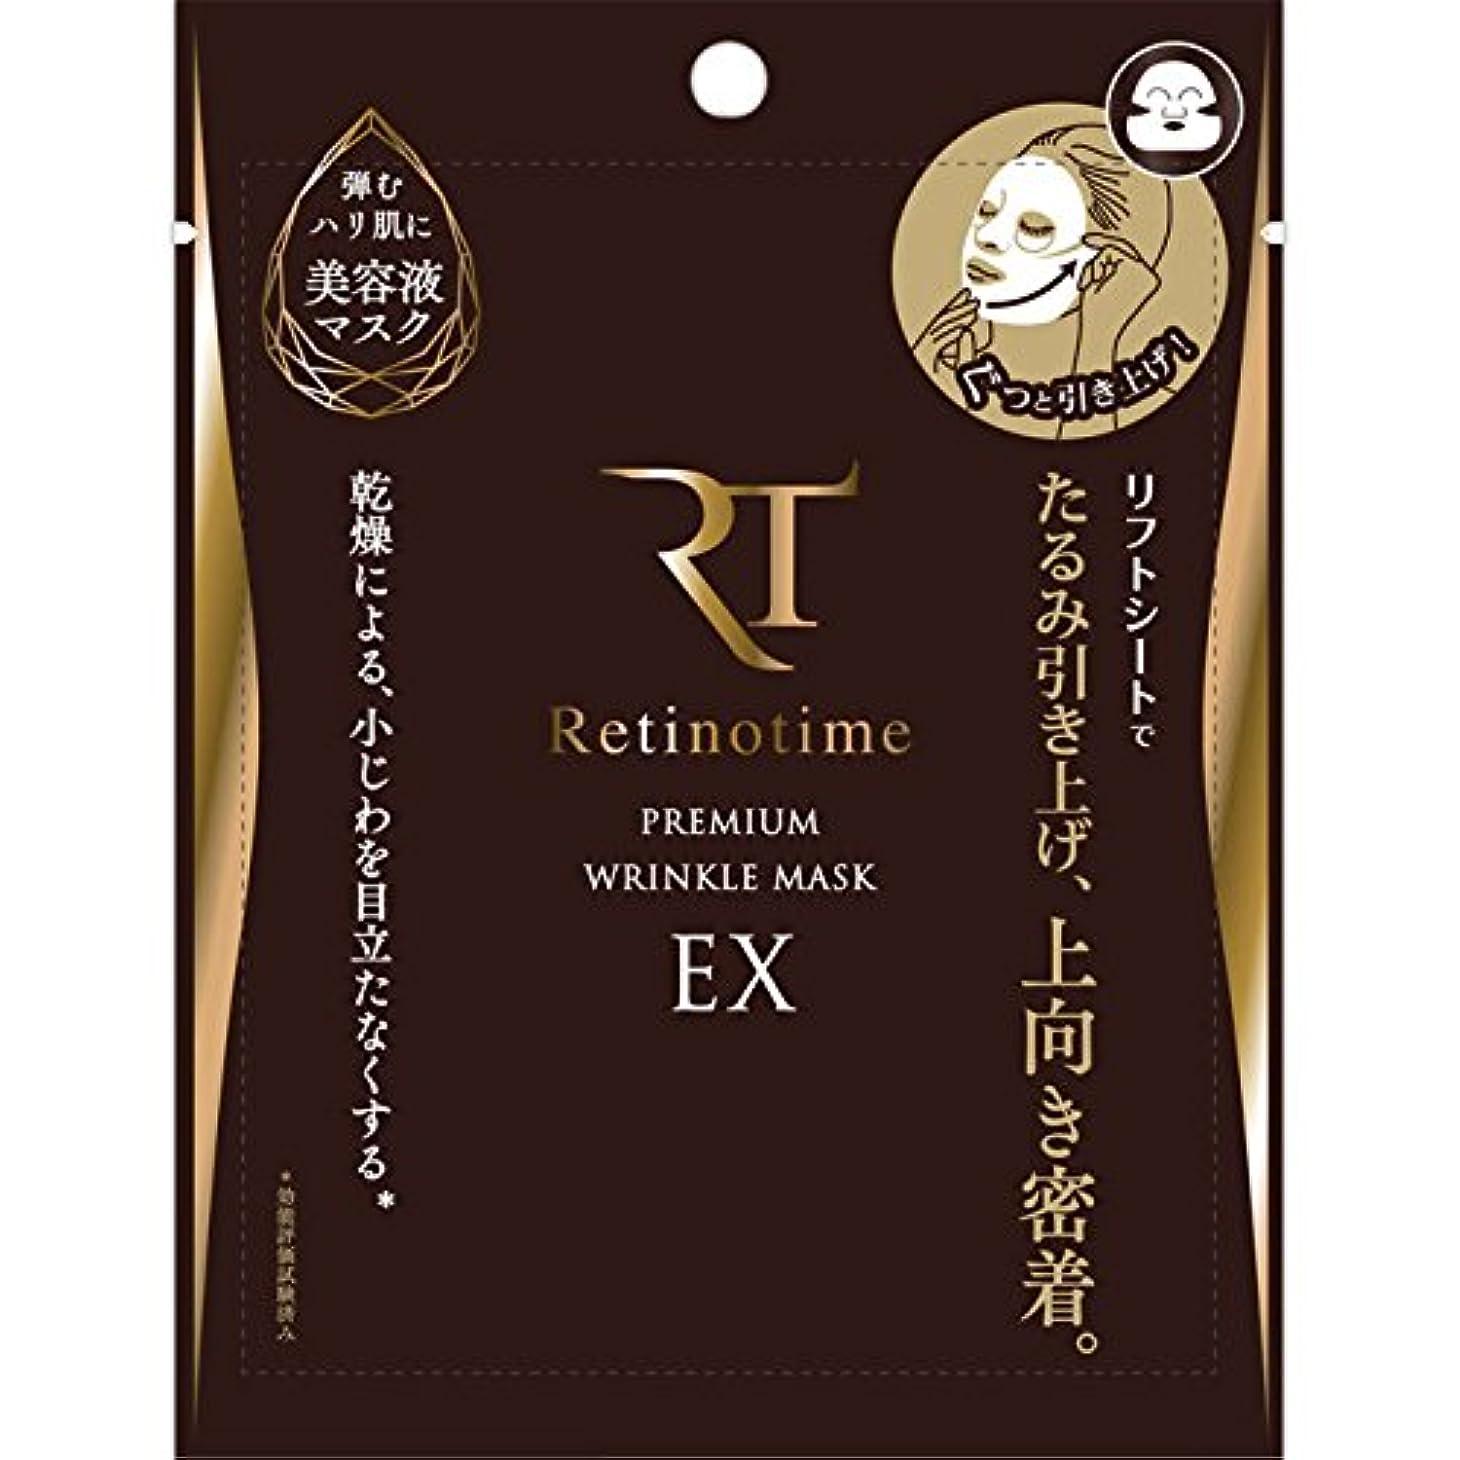 ミニチュア愛されし者彫刻家レチノタイム プレミアムリンクルマスク EX 1枚【26ml】